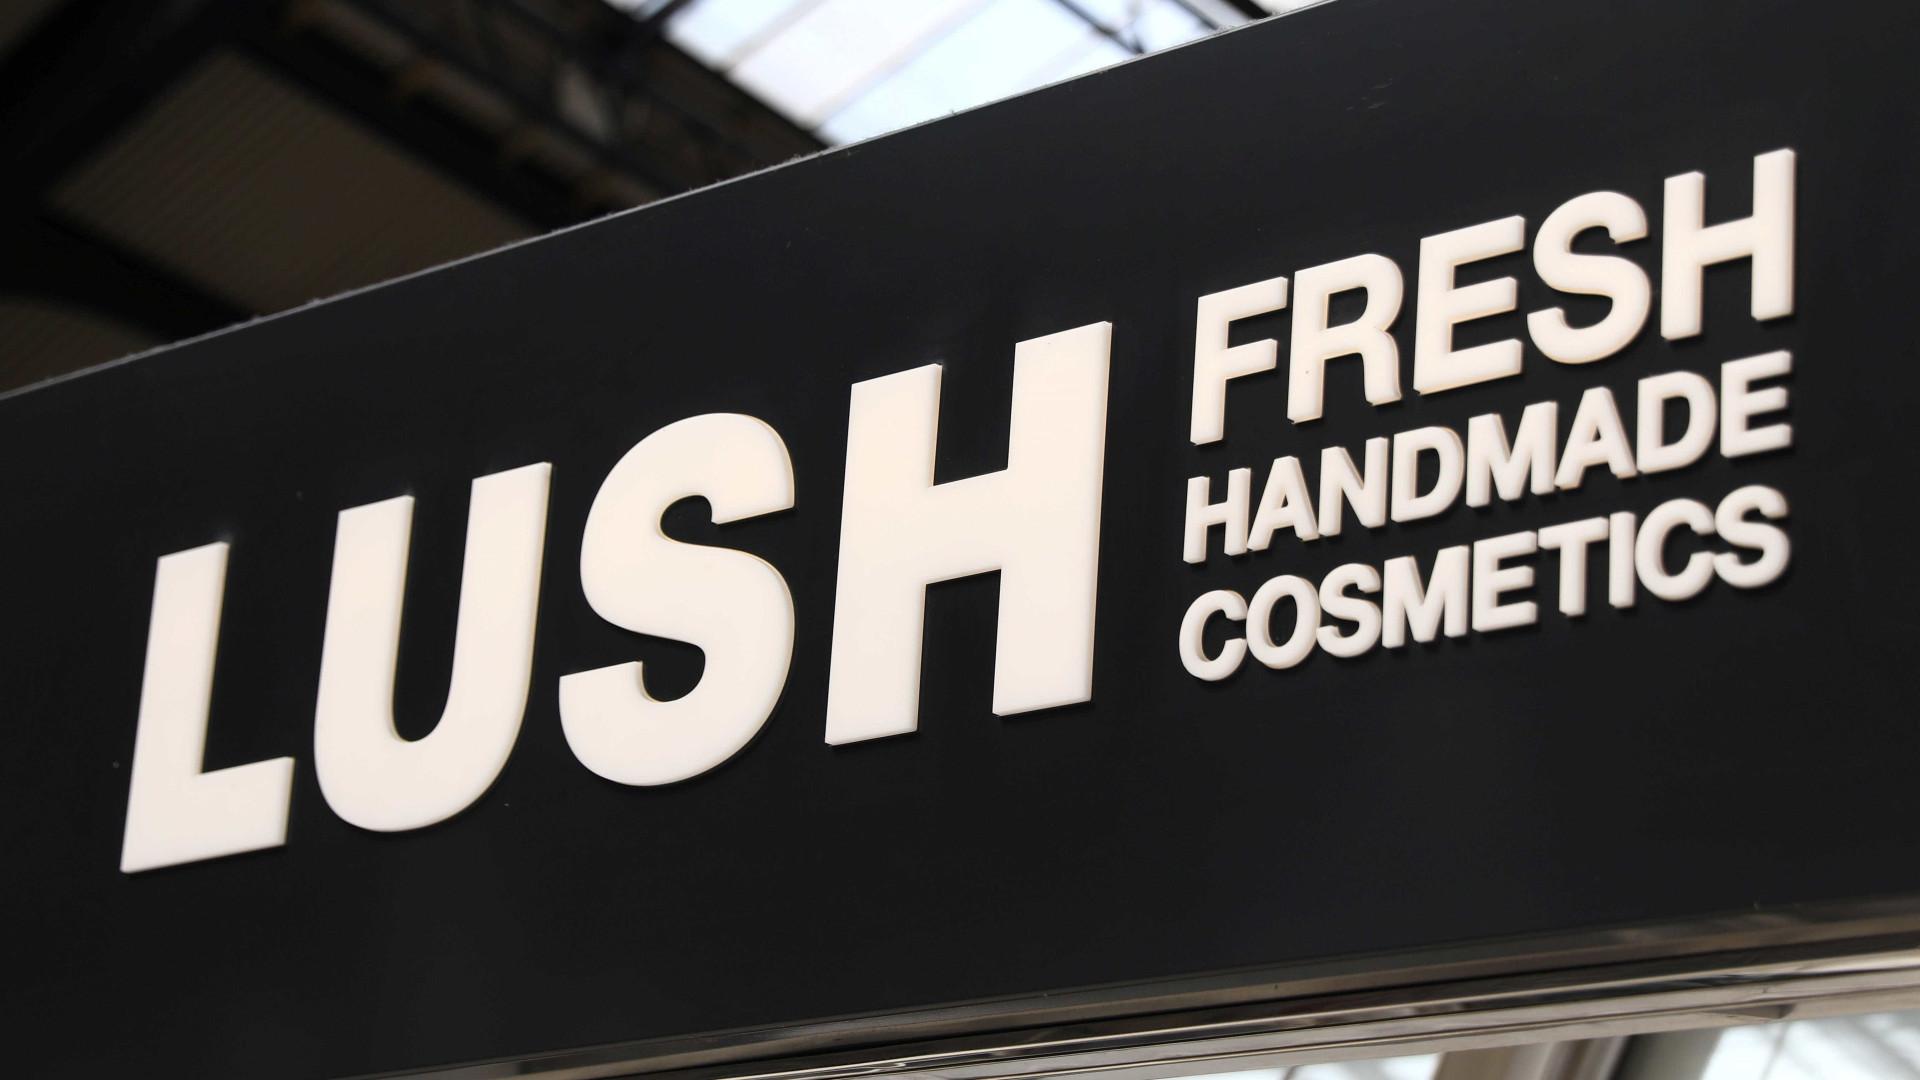 Marca de cosméticos britânica deixa o Brasil alegando alta taxa tributária